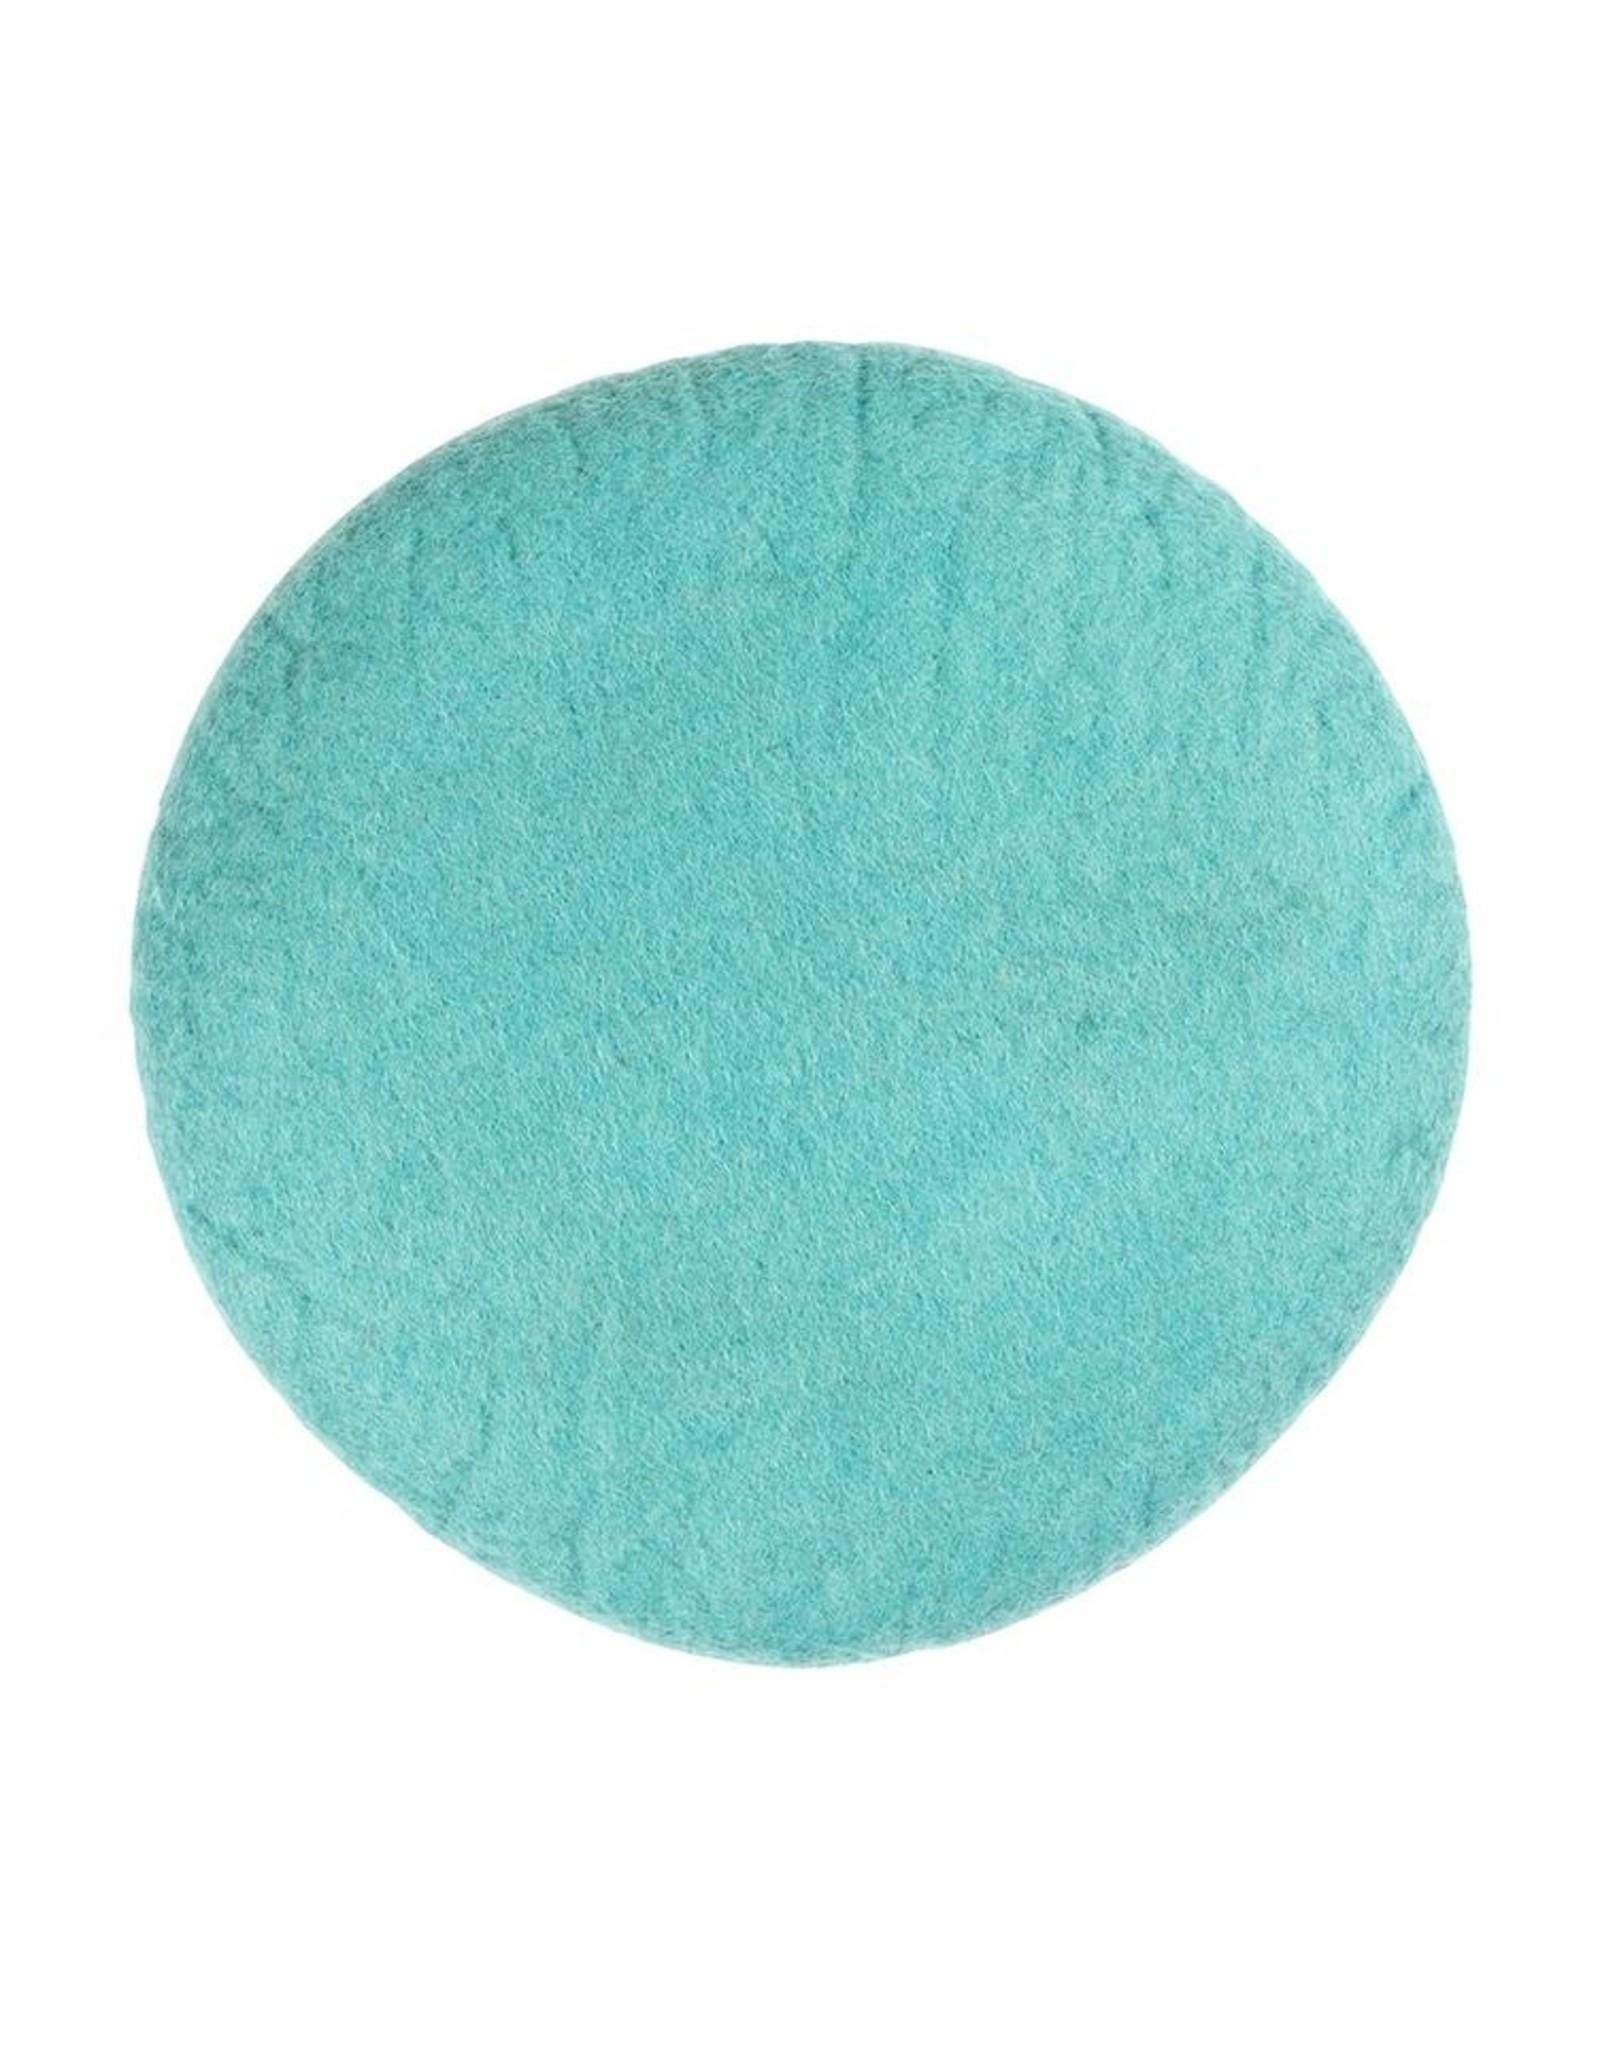 Filz Sitzkissen rund aqua 100% Wolle gefilzt